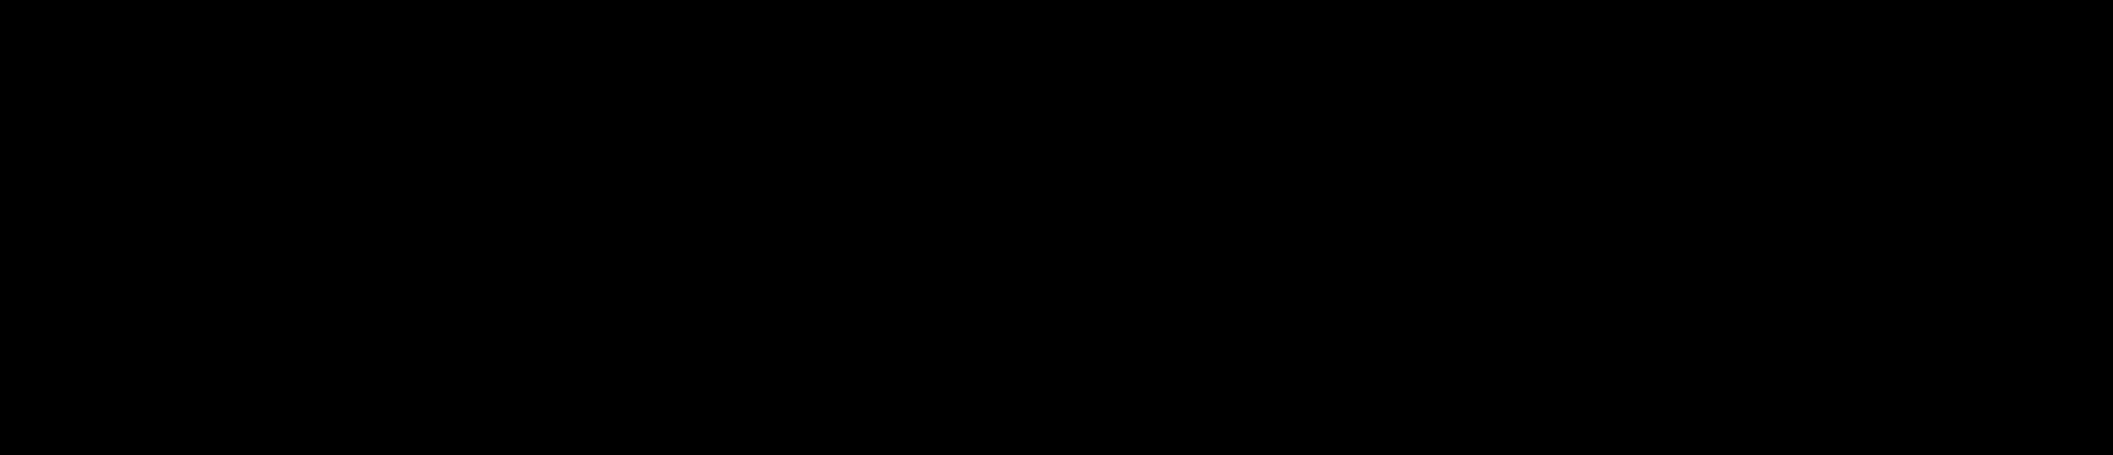 Logo Motocross Black